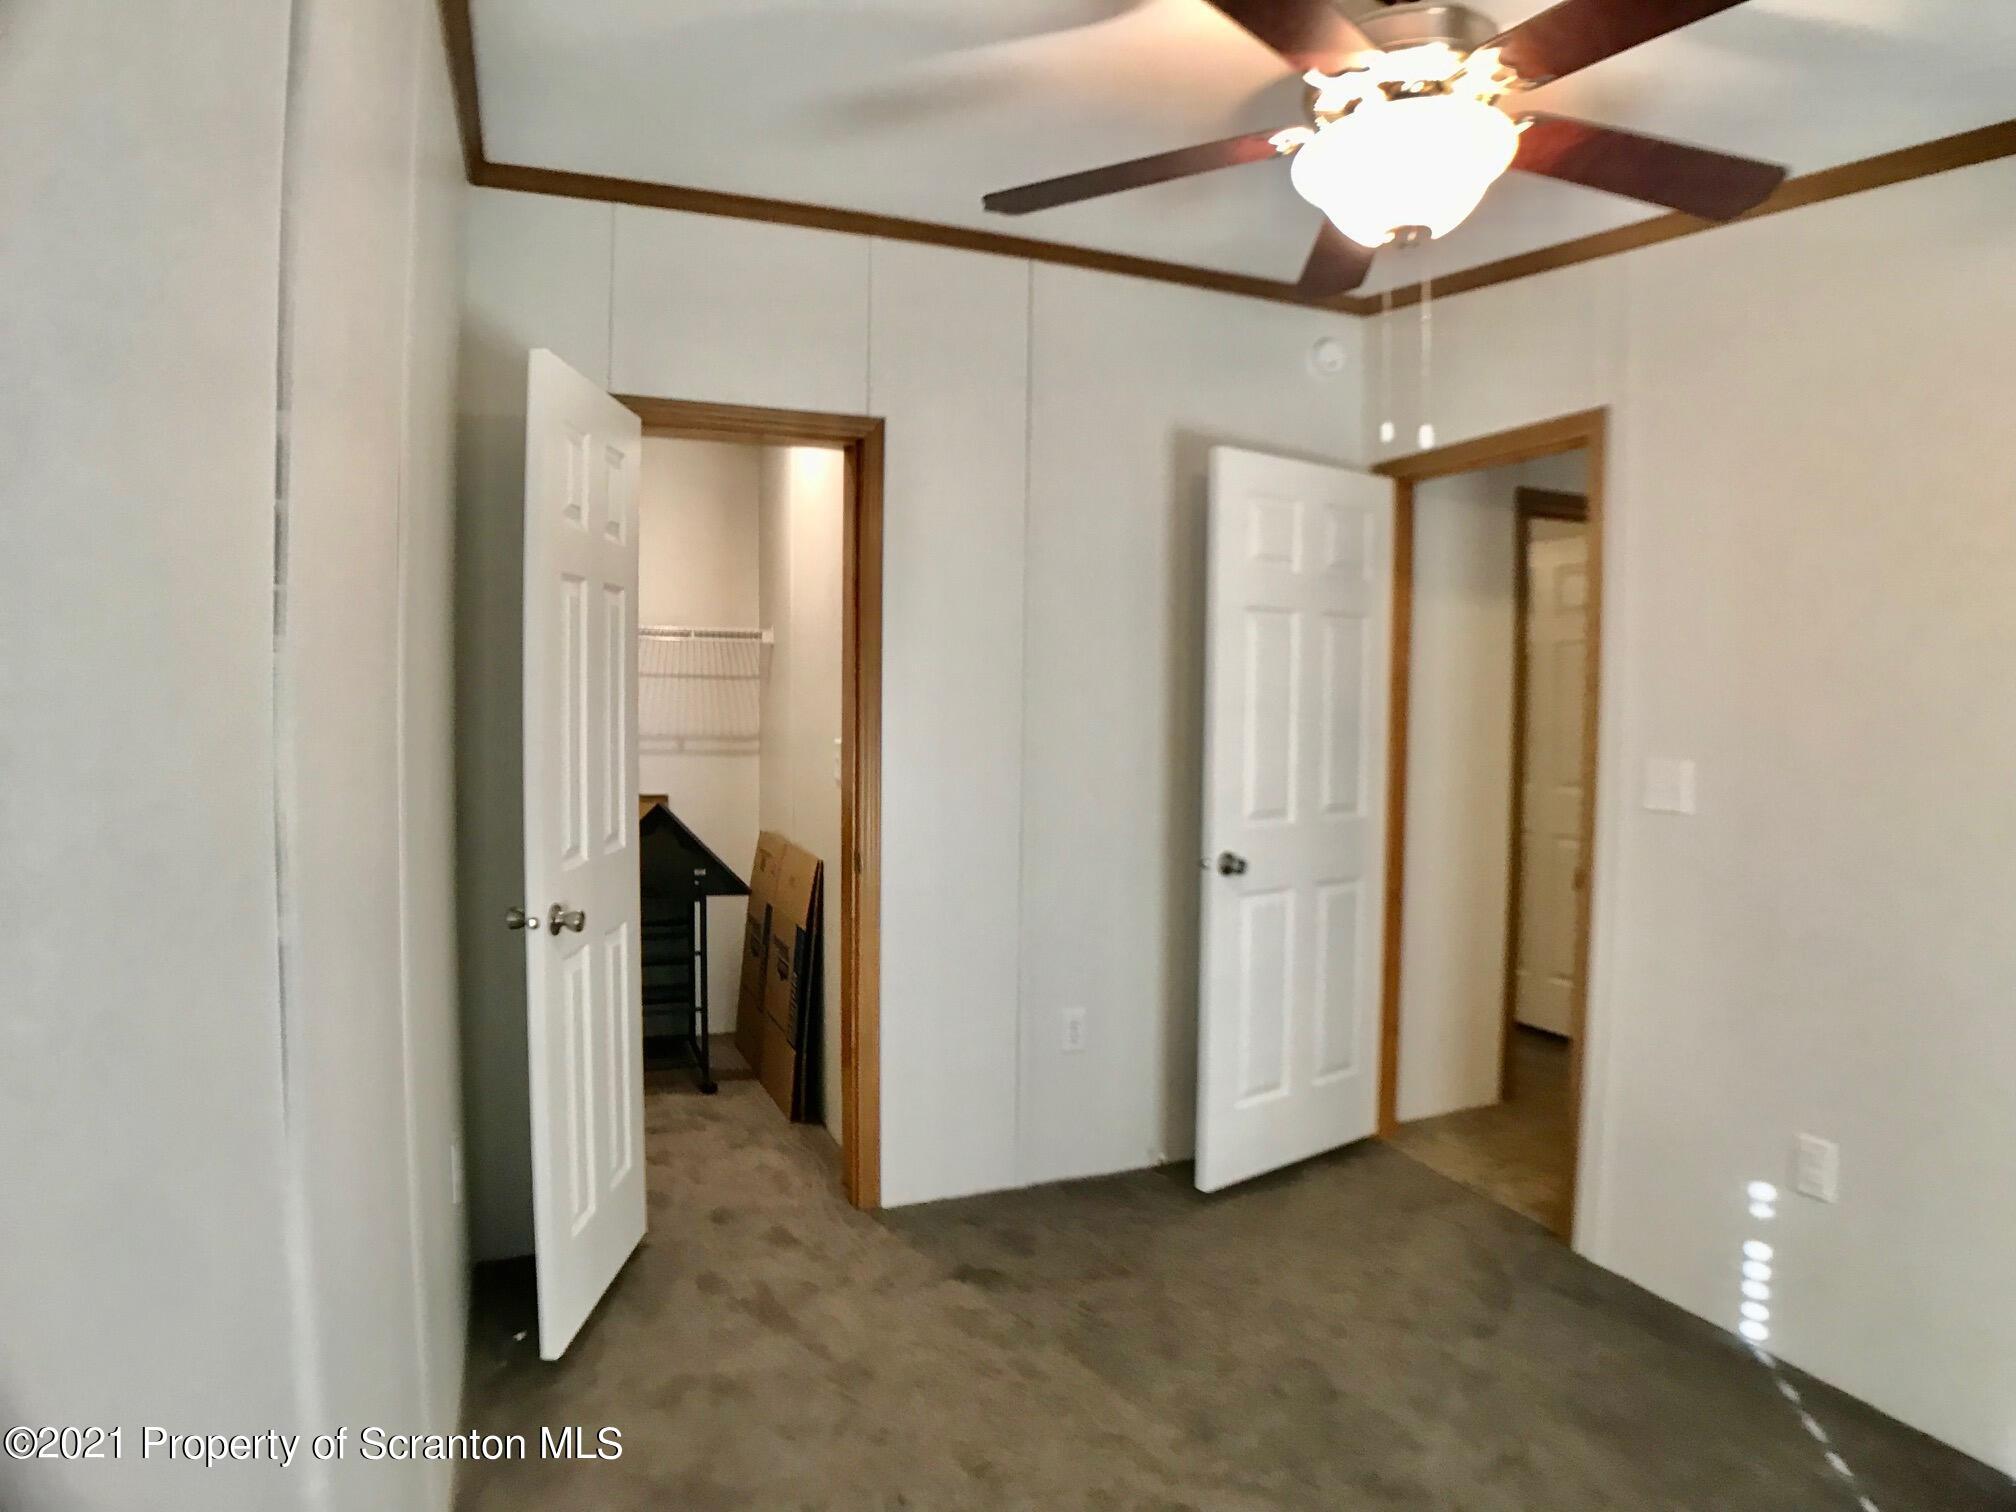 Bedroom entrances